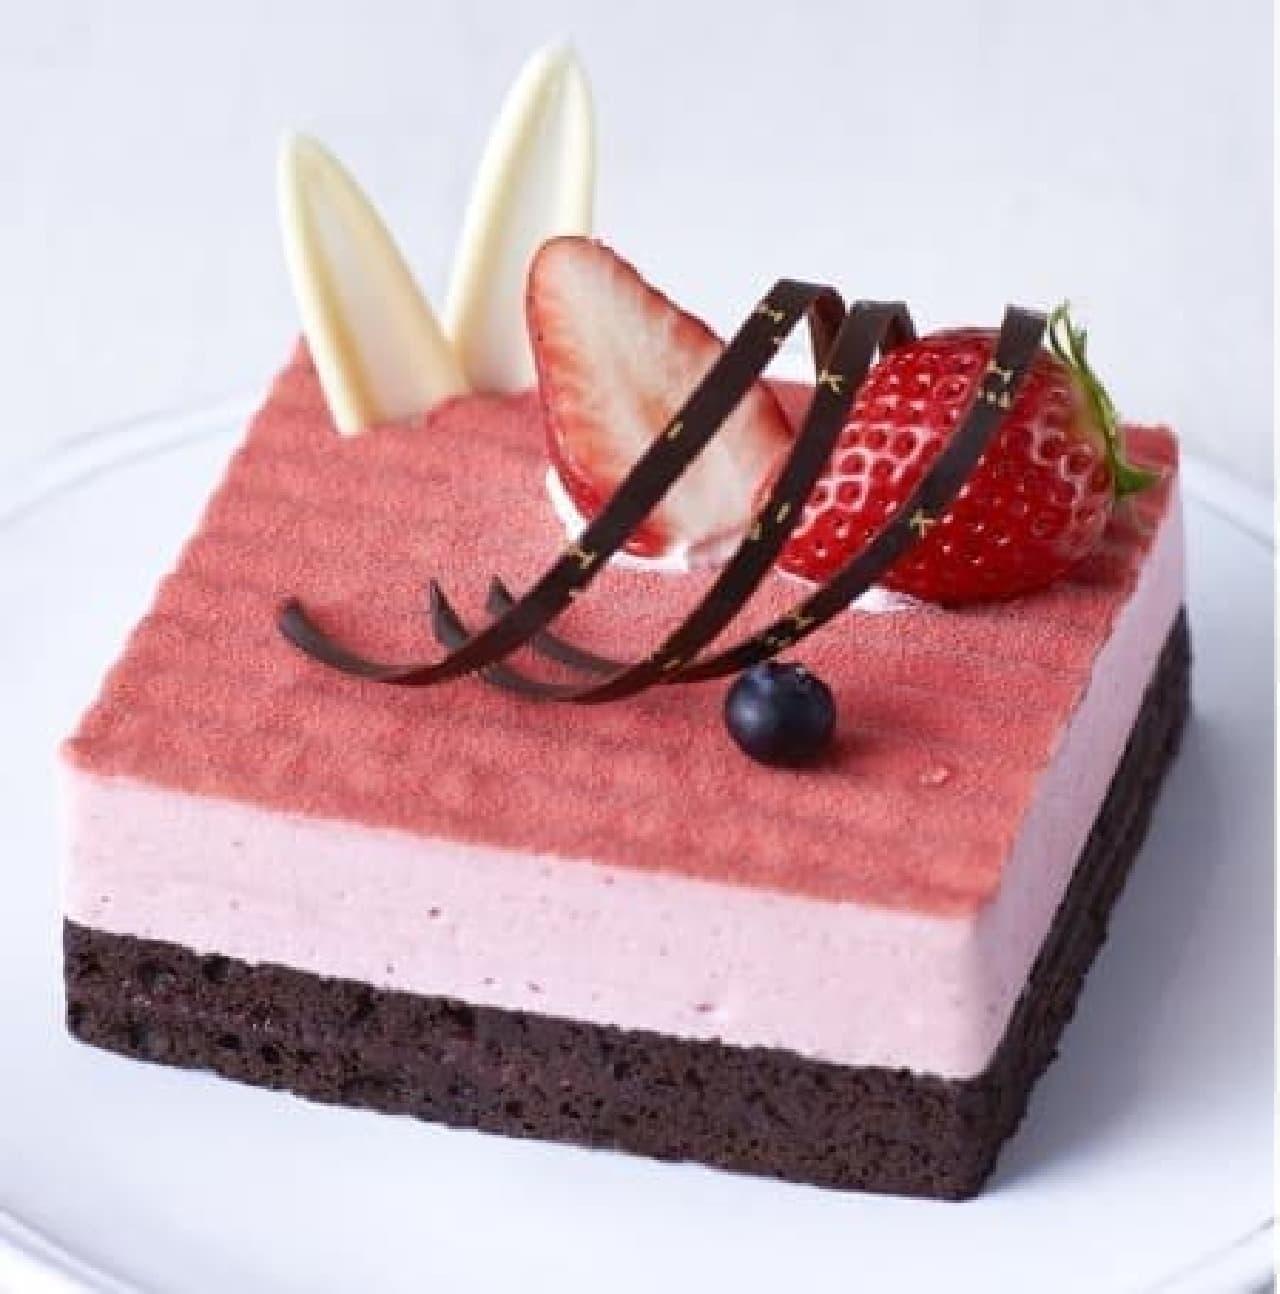 大きめサイズのケーキは家族や友達とシェアして